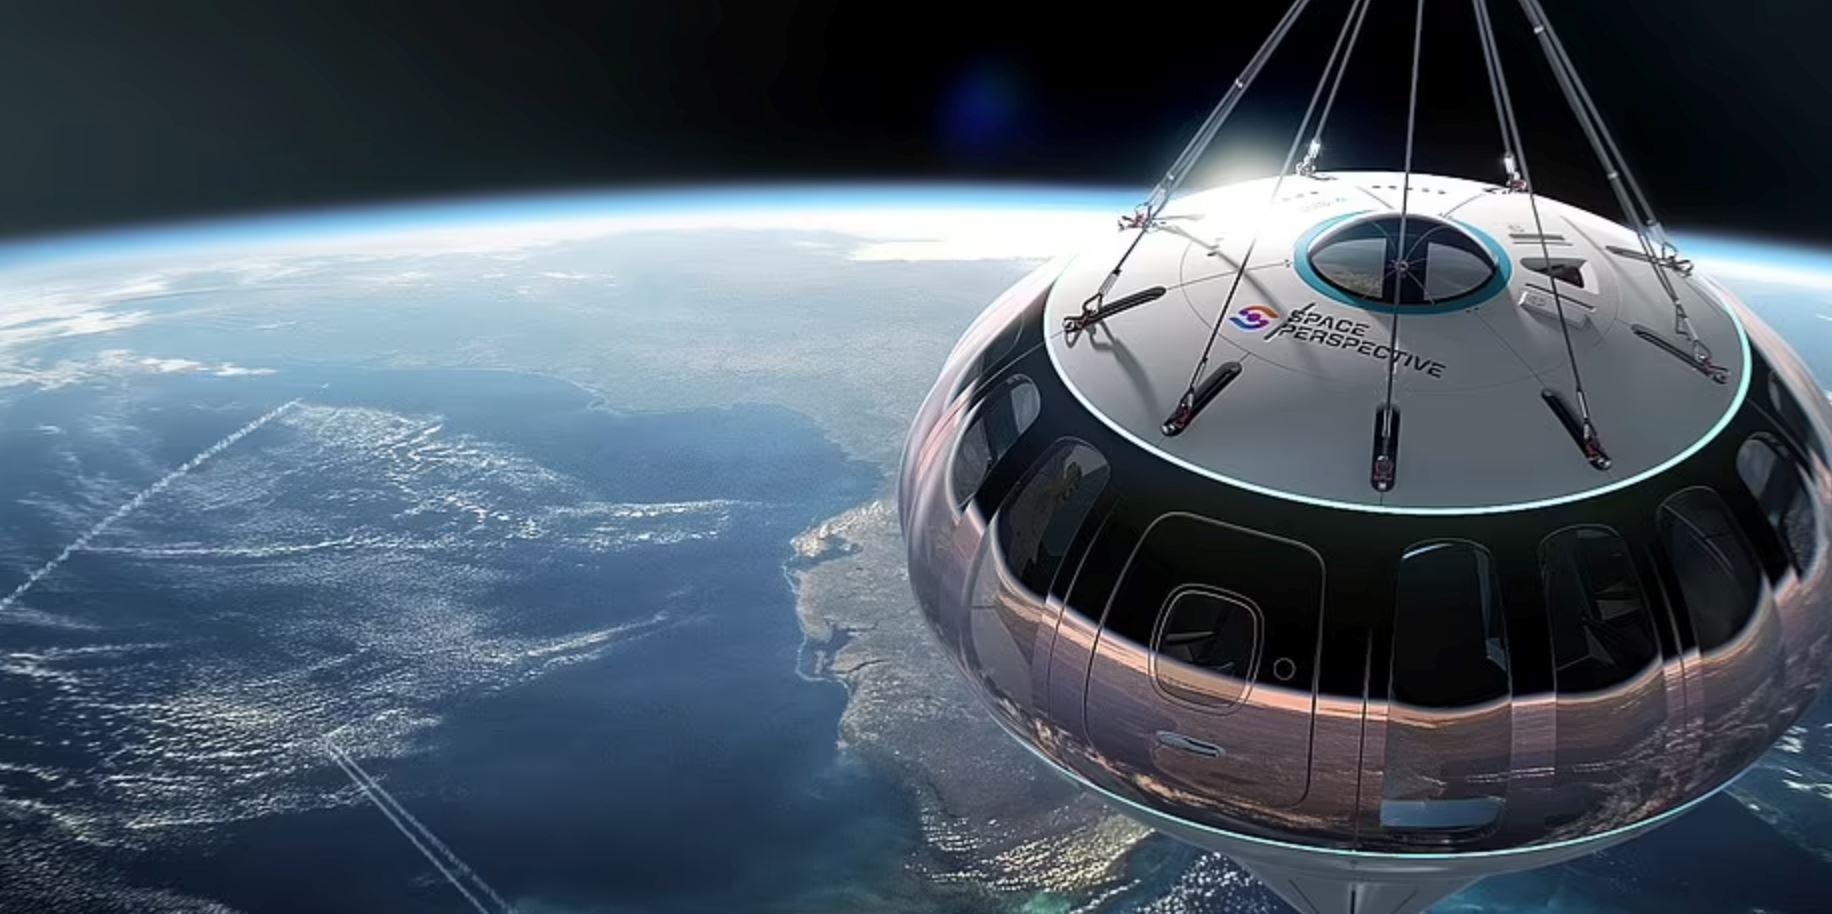 pasangan kekasih boleh berkahwin di angkasa bermula 2024!